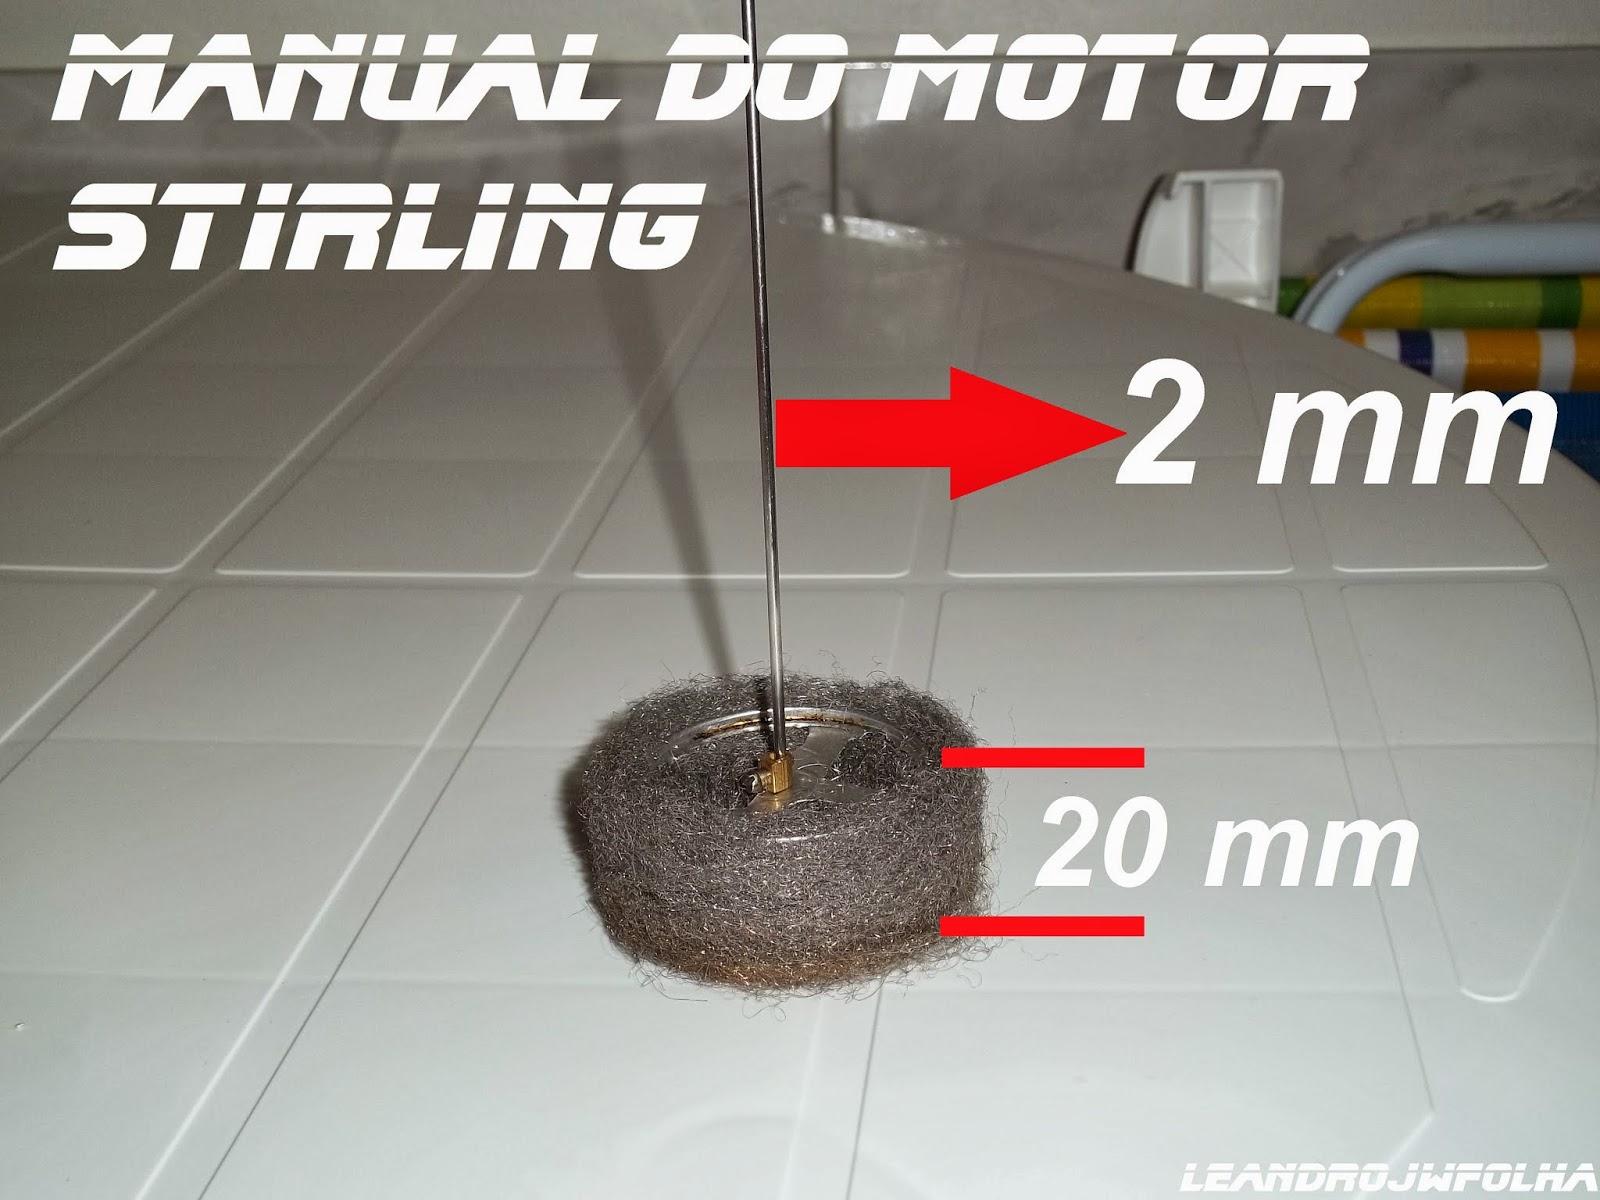 Manual do motor Stirling, pistão deslocador feito em lã de aço